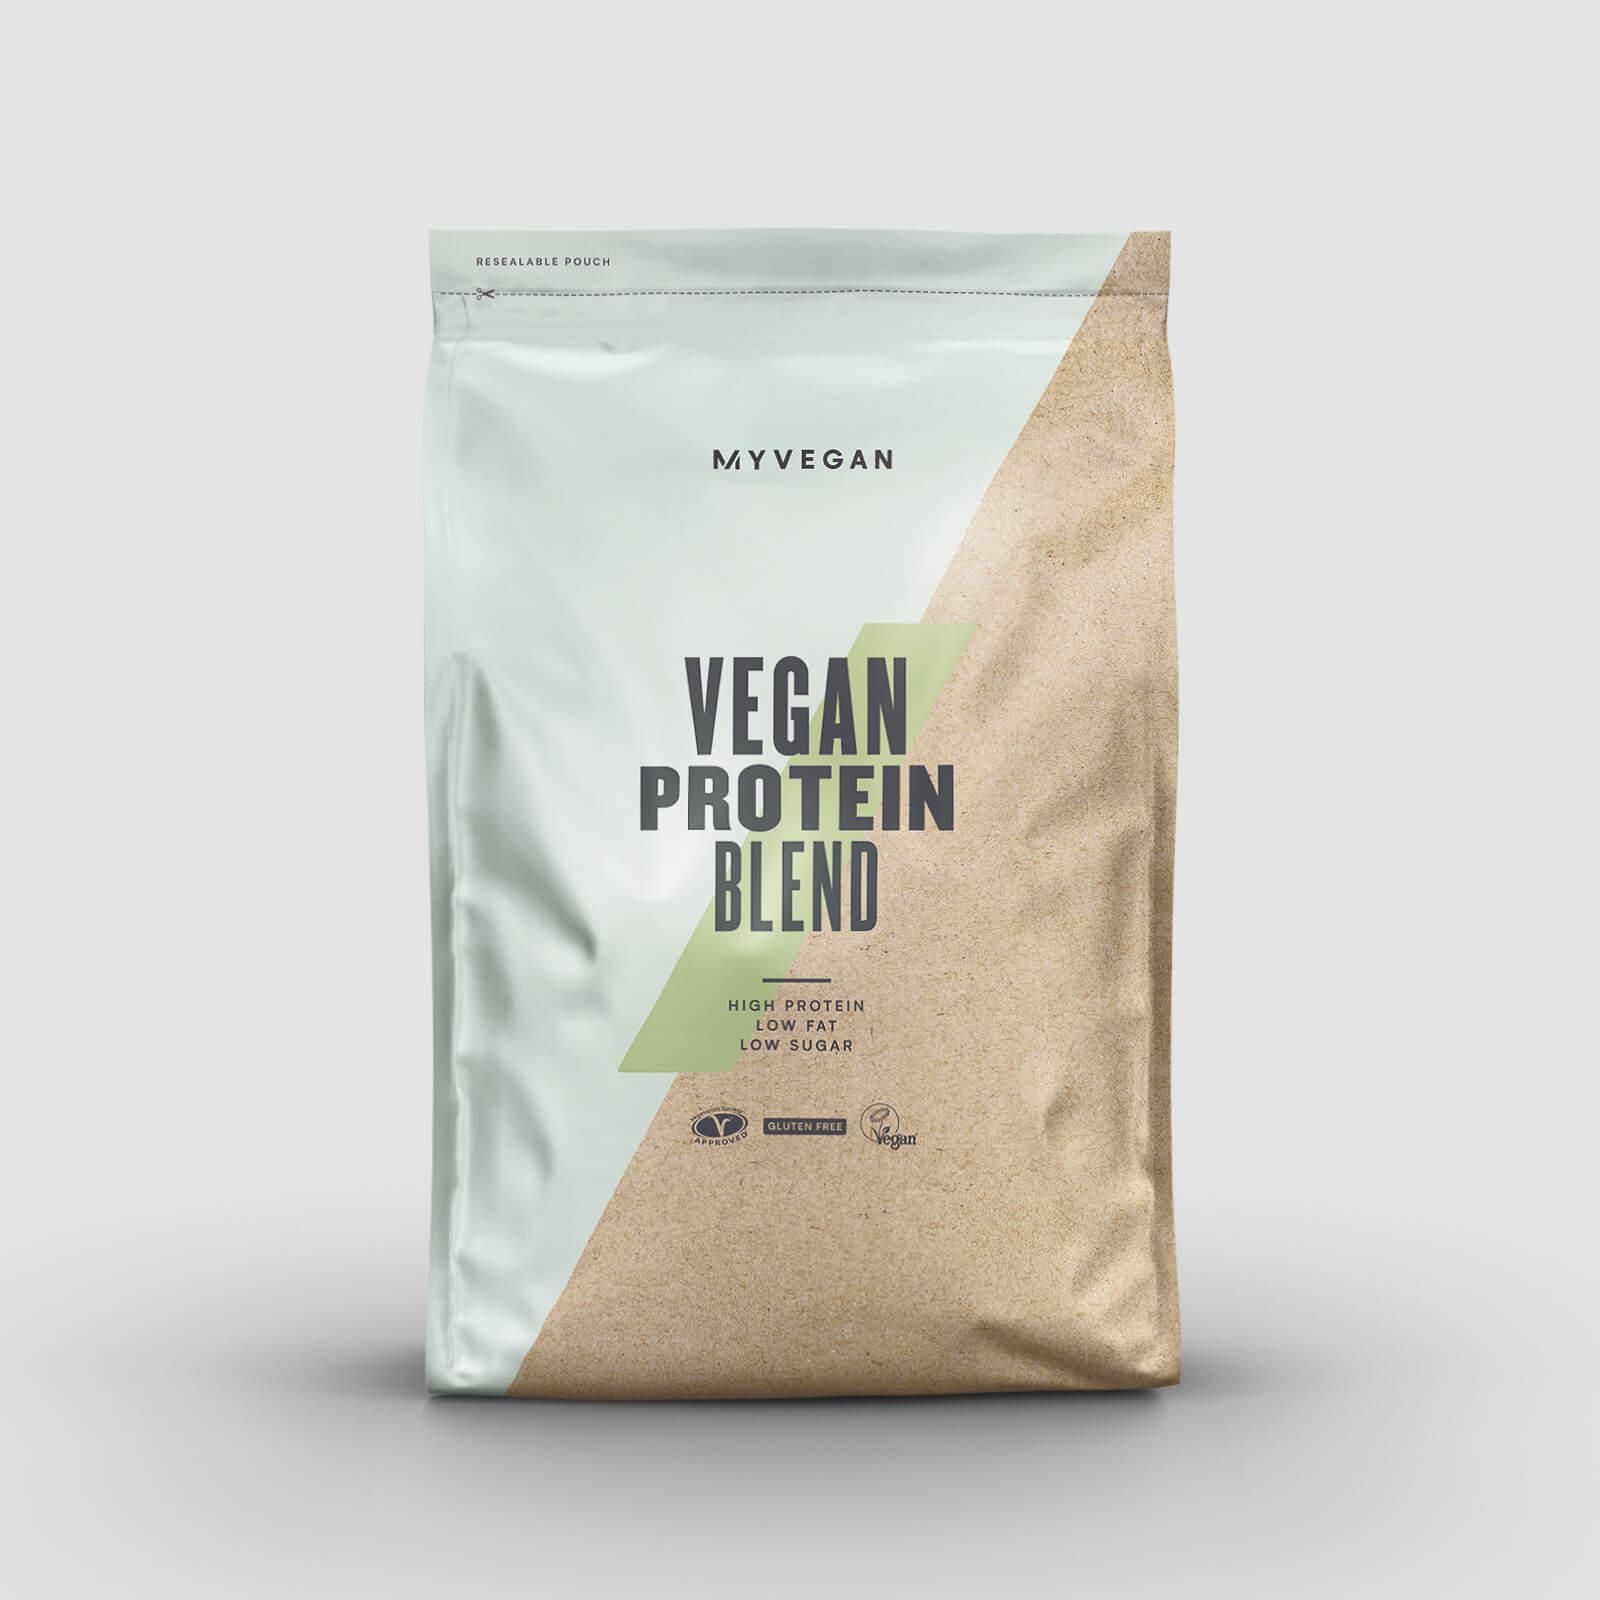 Myvegan Mélange de protéines végétales - 500g - Fraise